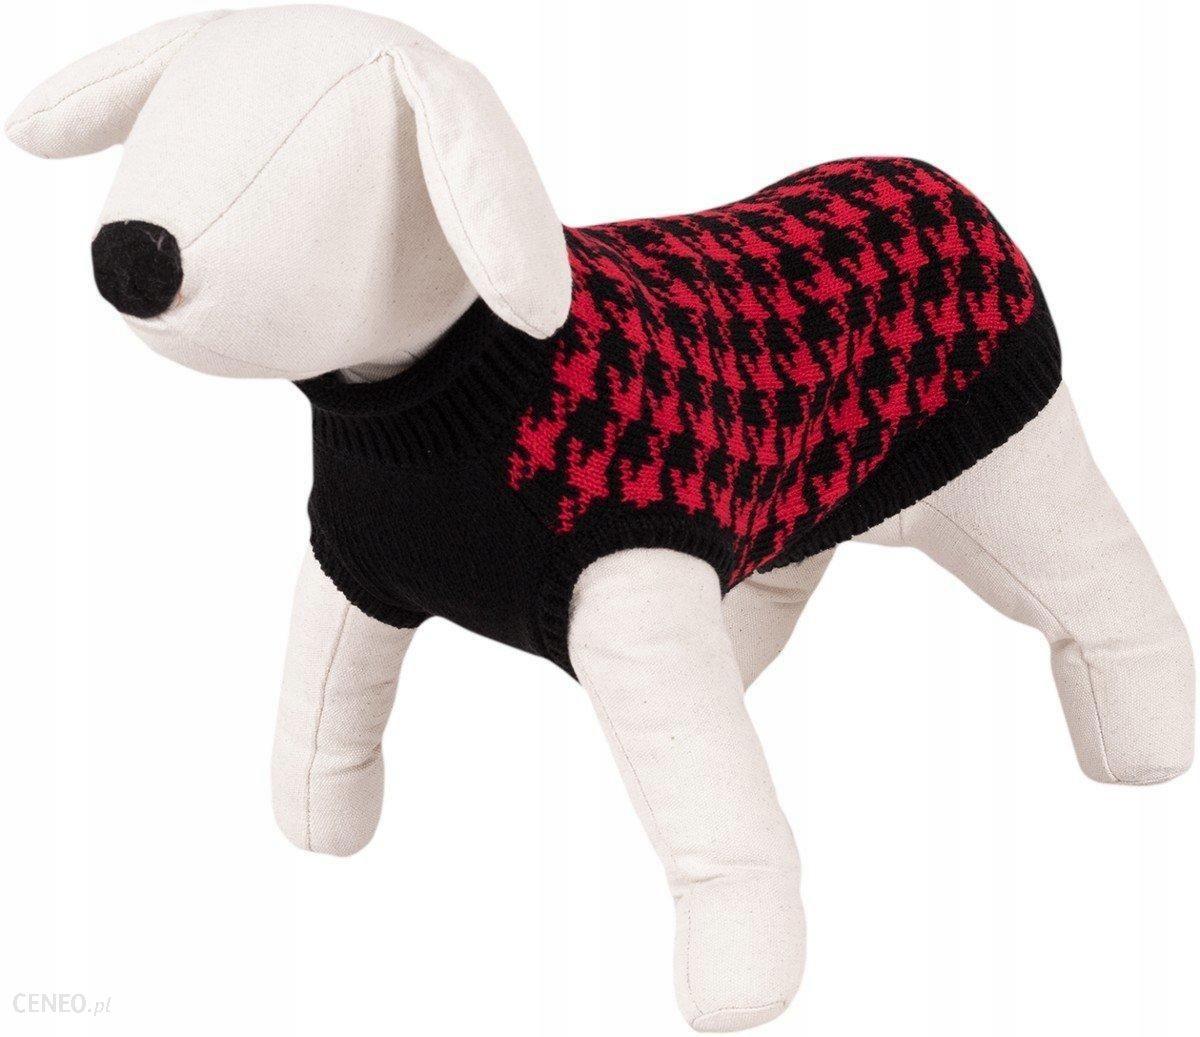 Sweter Ubranko Dla Psa Ciepły S 25CM Pepitka